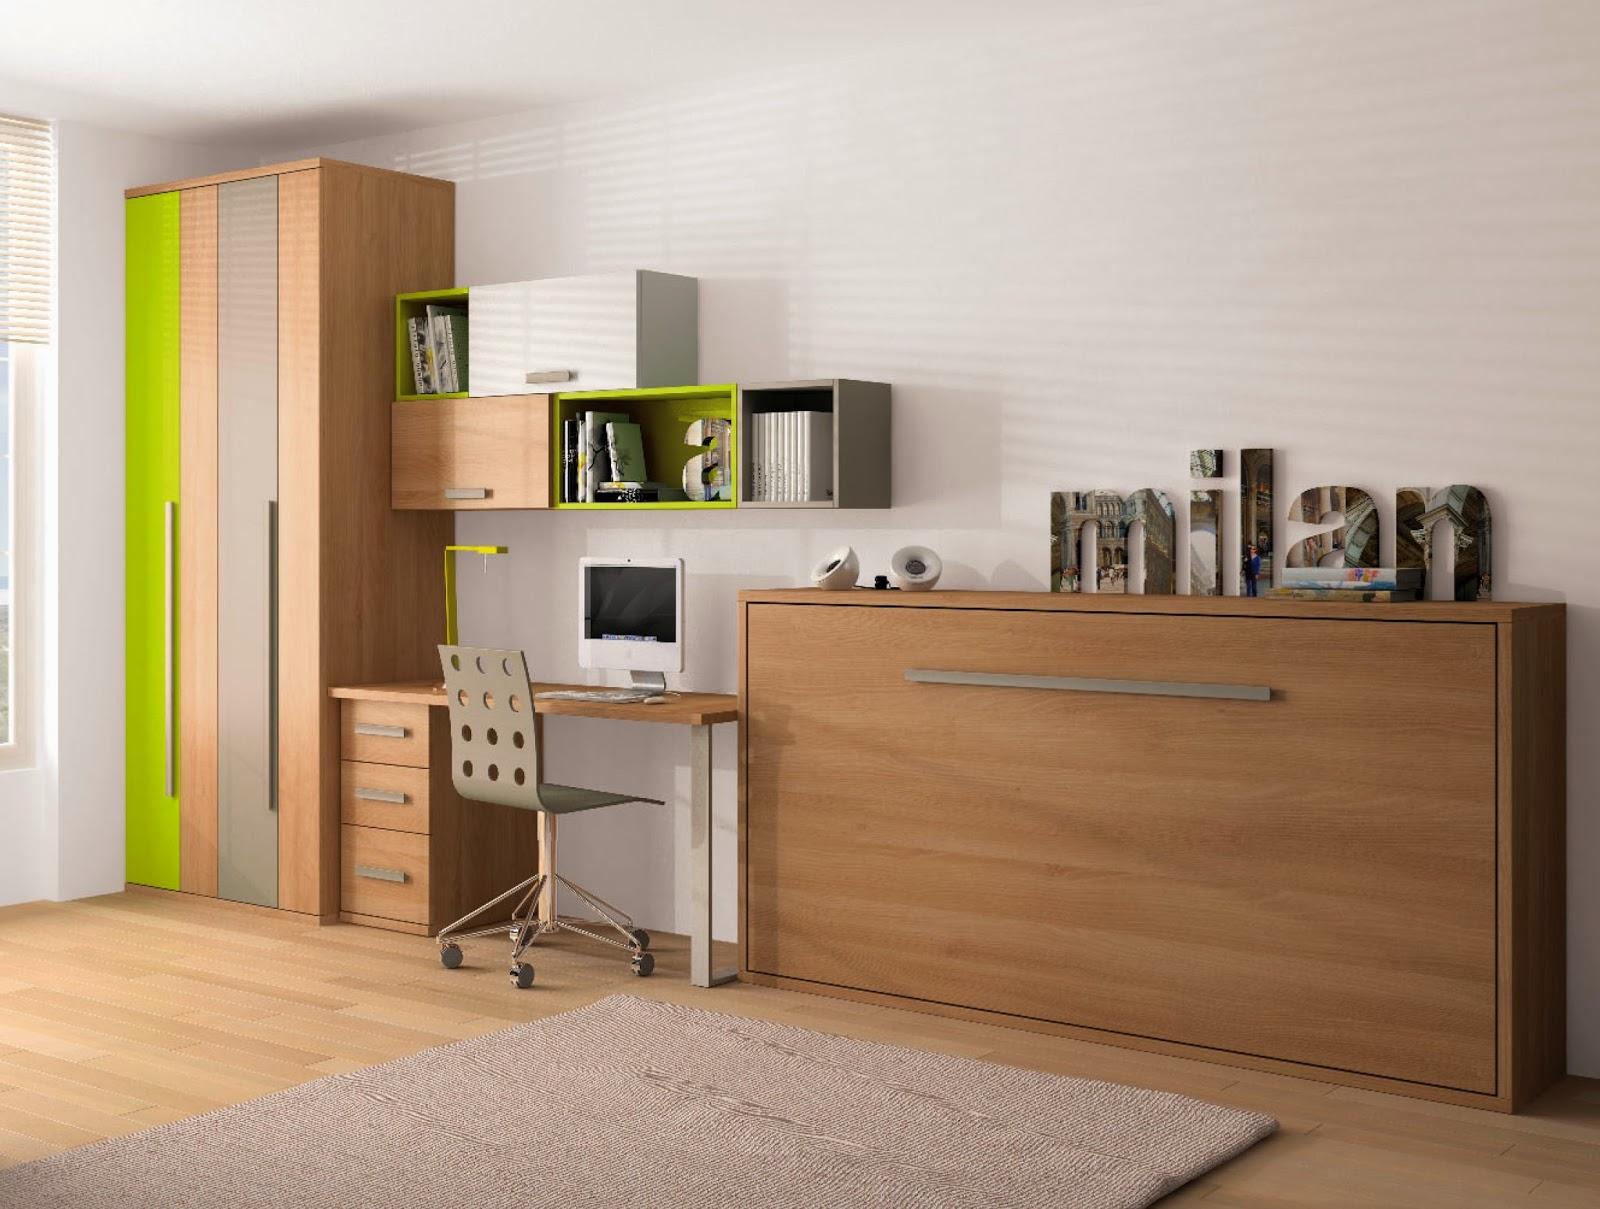 Dormitorios juveniles iii las camas abatibles tkautiva for Dormitorios juveniles abatibles